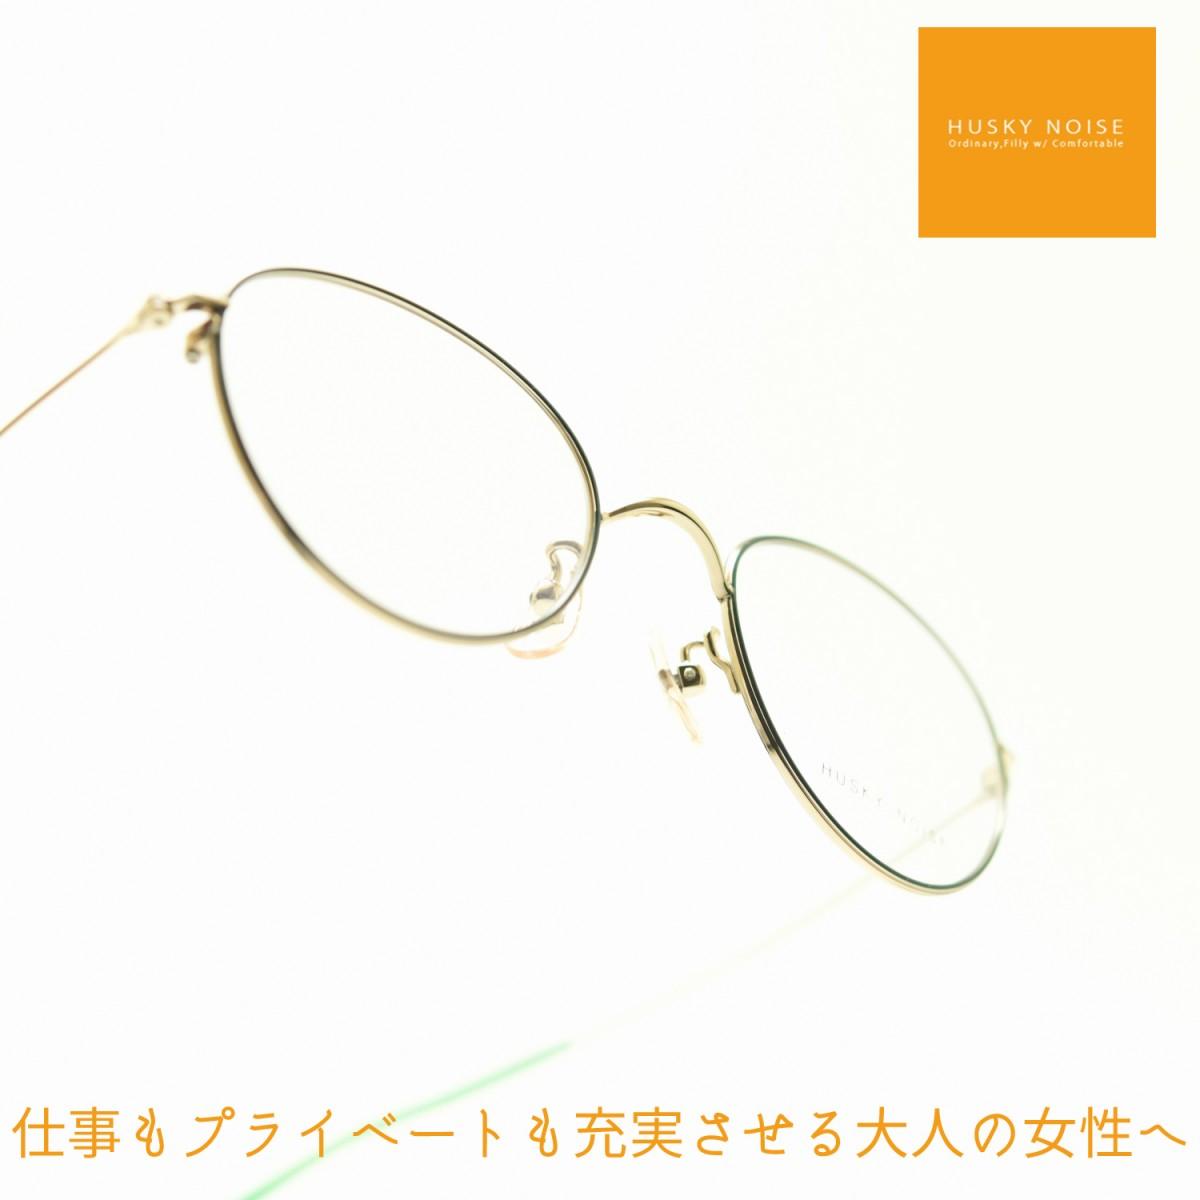 HUSKY NOISE ハスキーノイズH-187 col-1メガネ 眼鏡 めがね メンズ レディース おしゃれ ブランド 人気 おすすめ フレーム 流行り 度付き レンズ